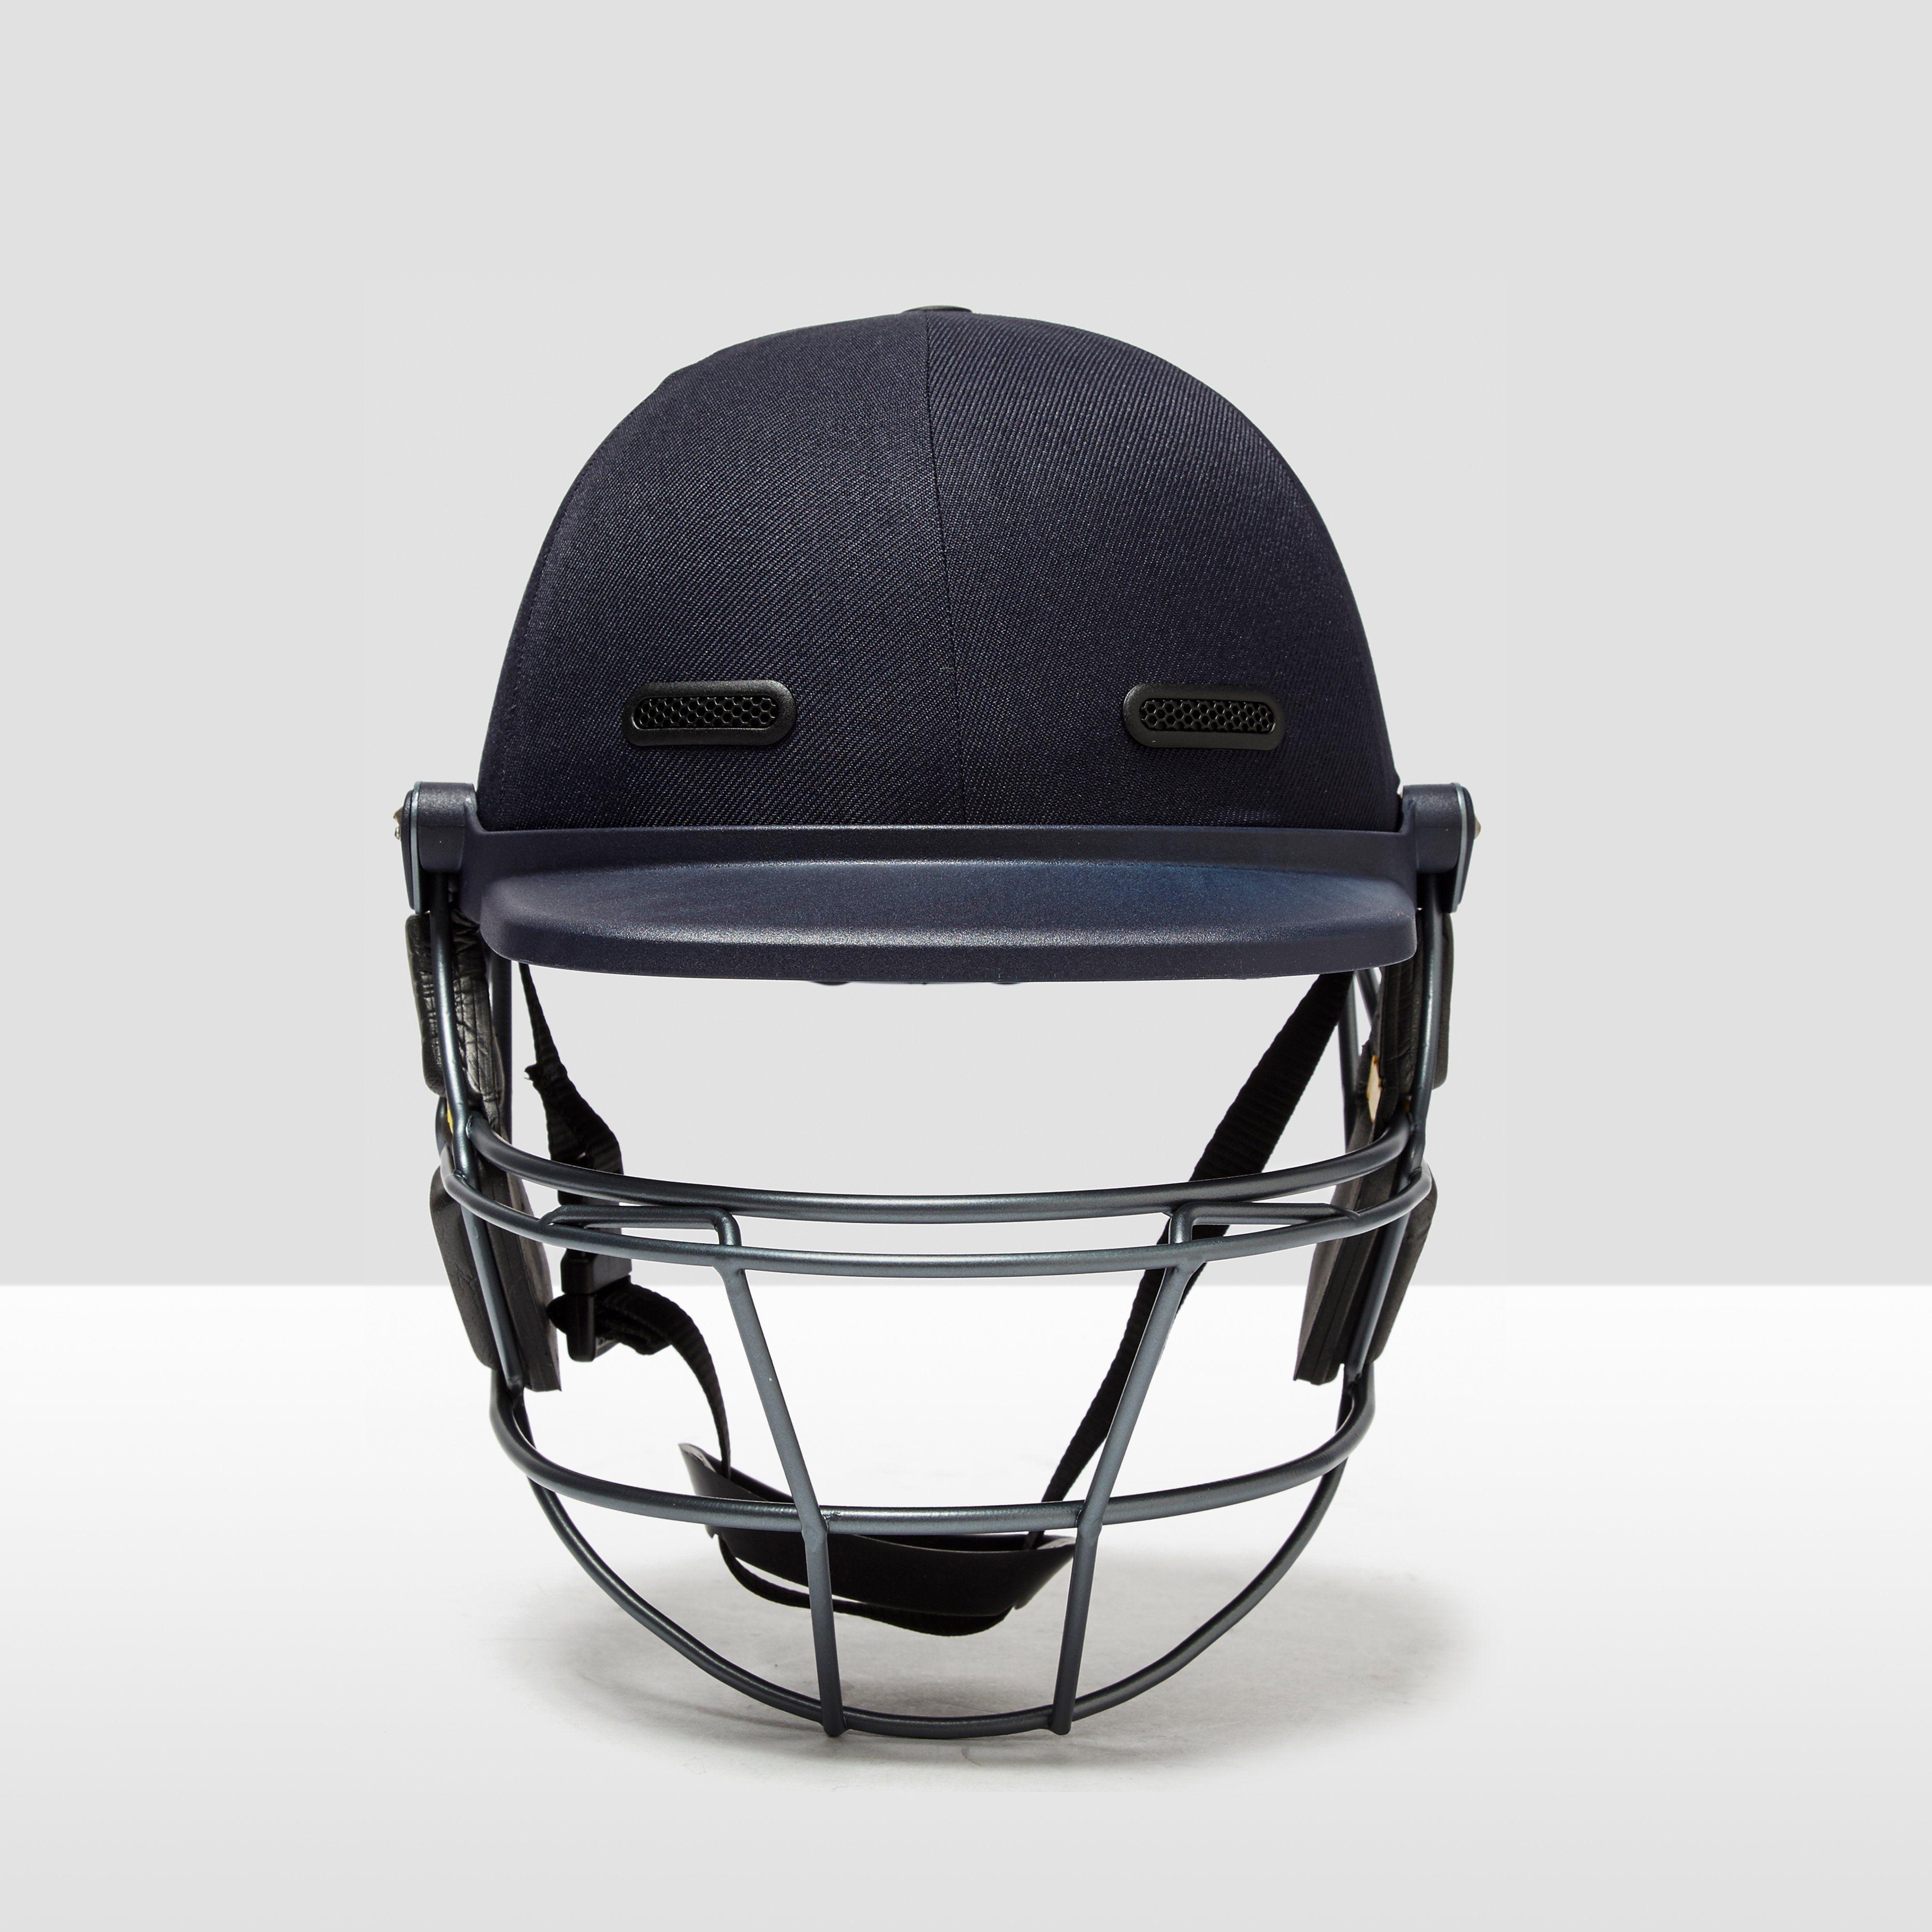 Masuri Masuri VS Elite Titanium Cricket Helmet